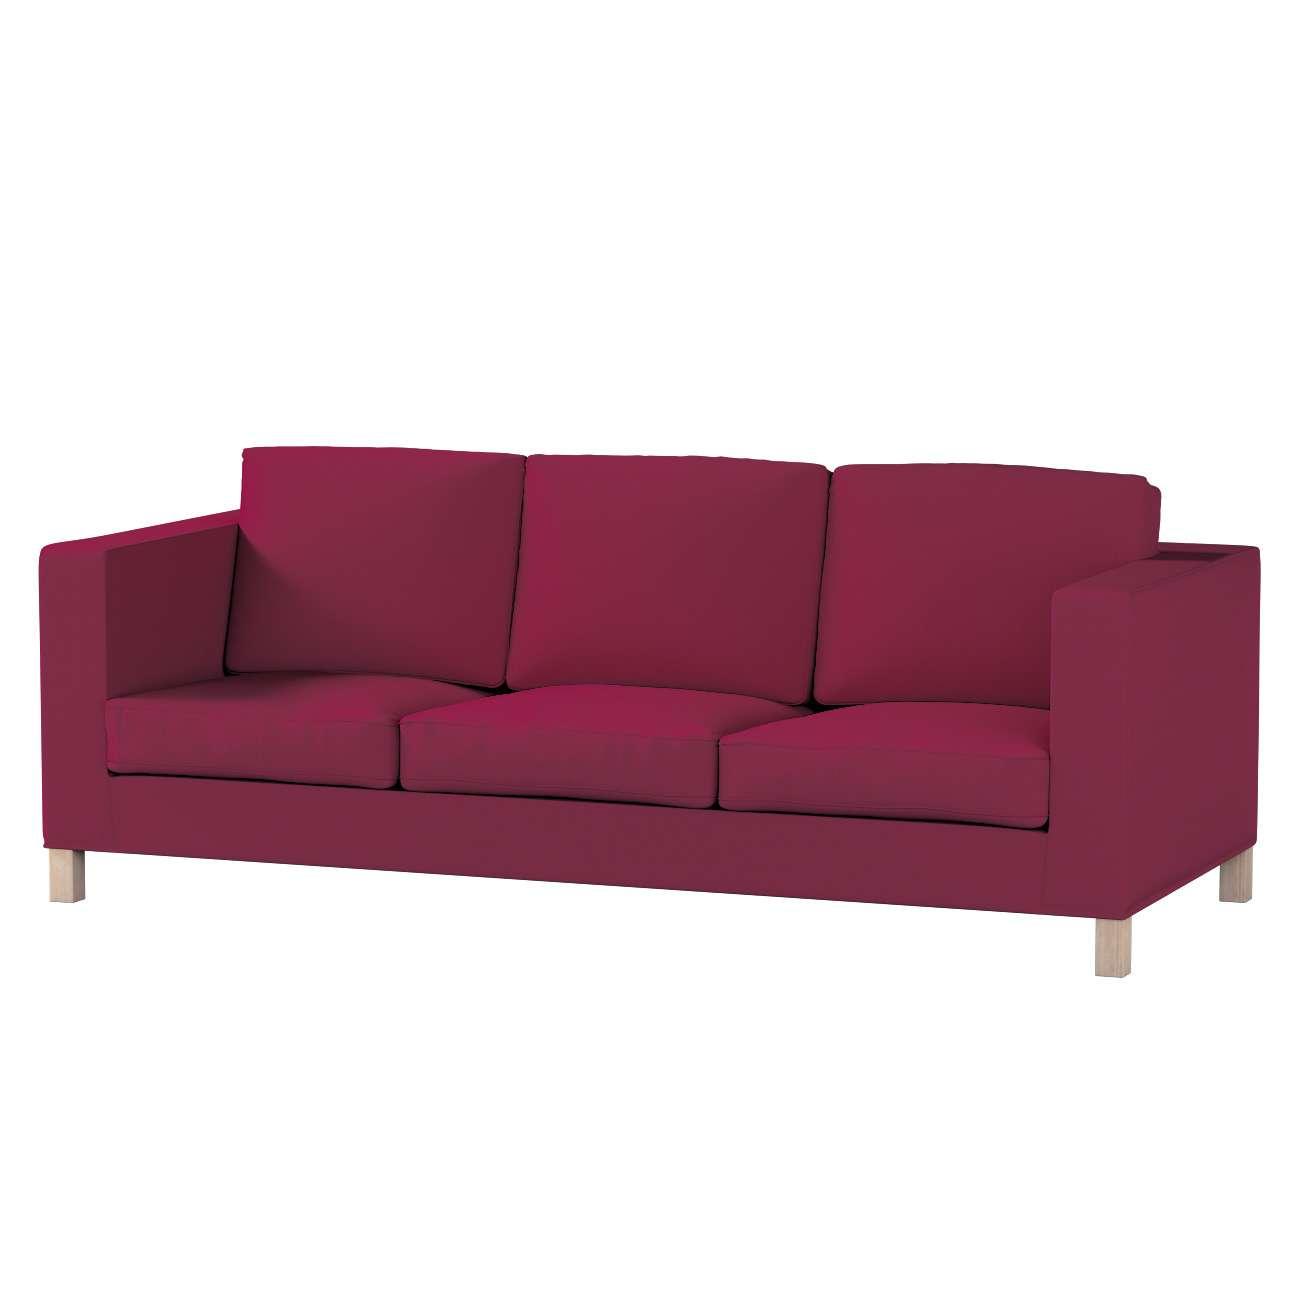 Pokrowiec na sofę Karlanda 3-osobową nierozkładaną, krótki Sofa Karlanda 3-os w kolekcji Cotton Panama, tkanina: 702-32